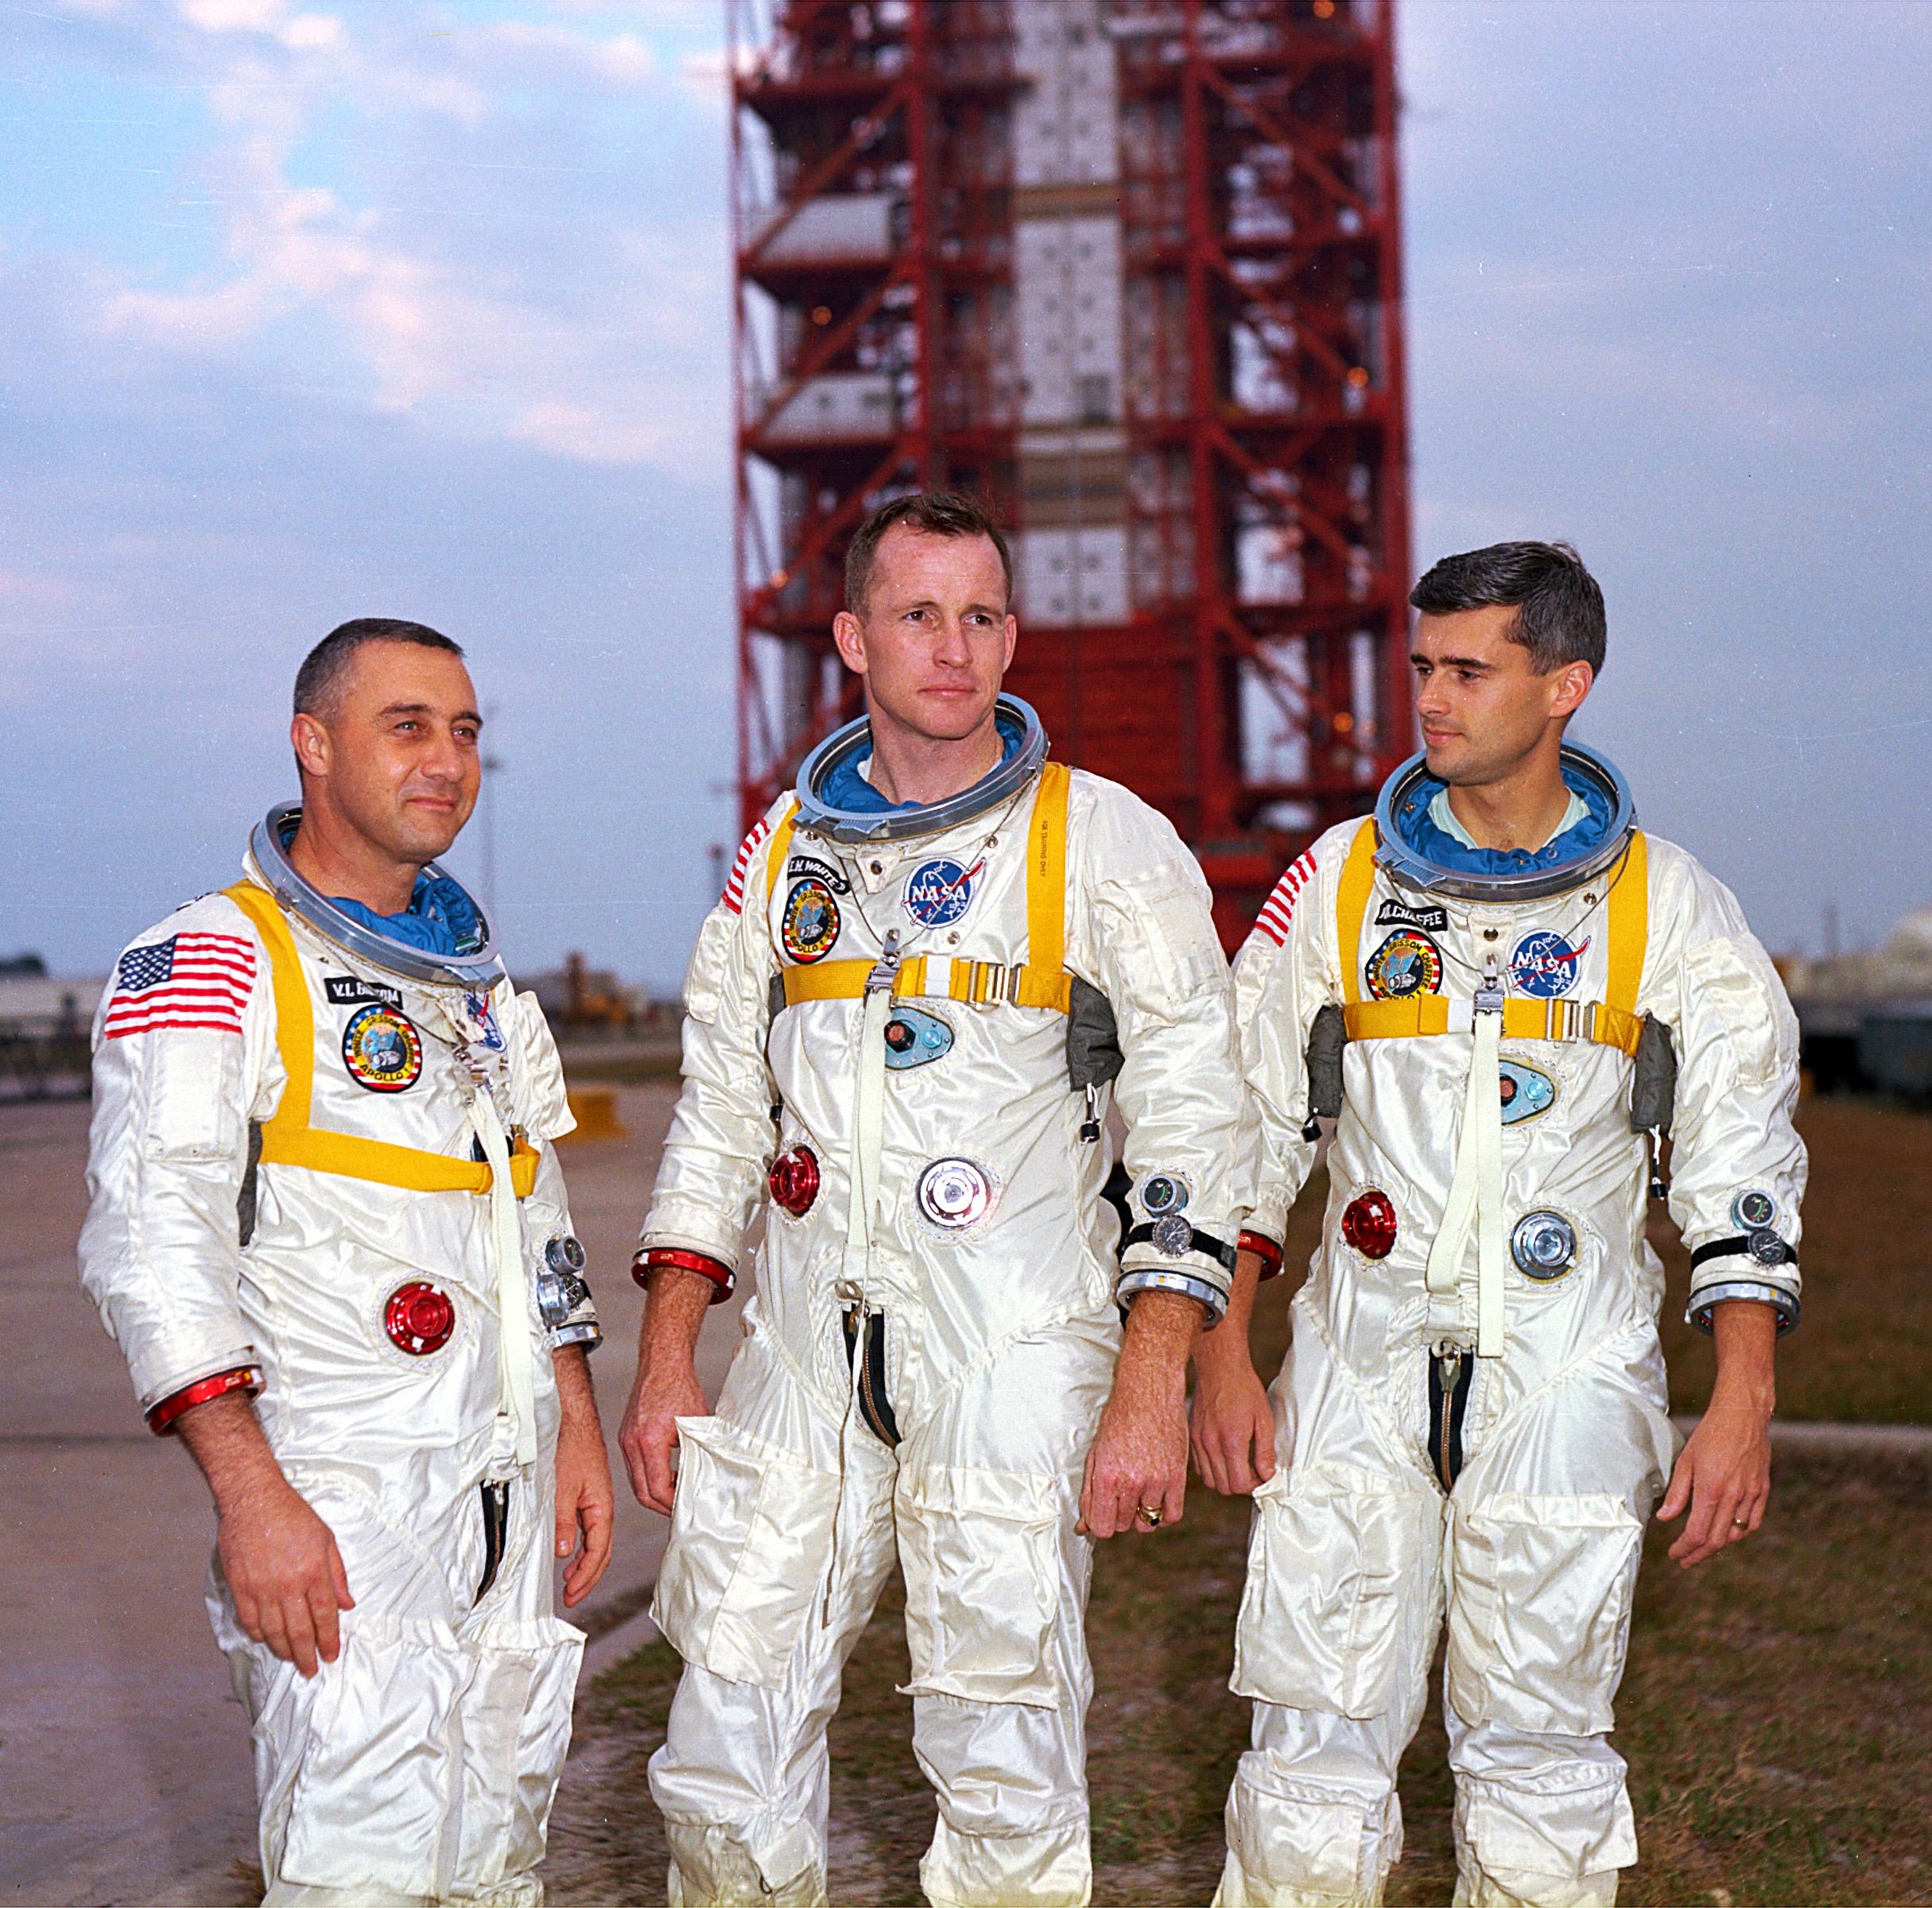 nasa apollo astronauts - photo #9